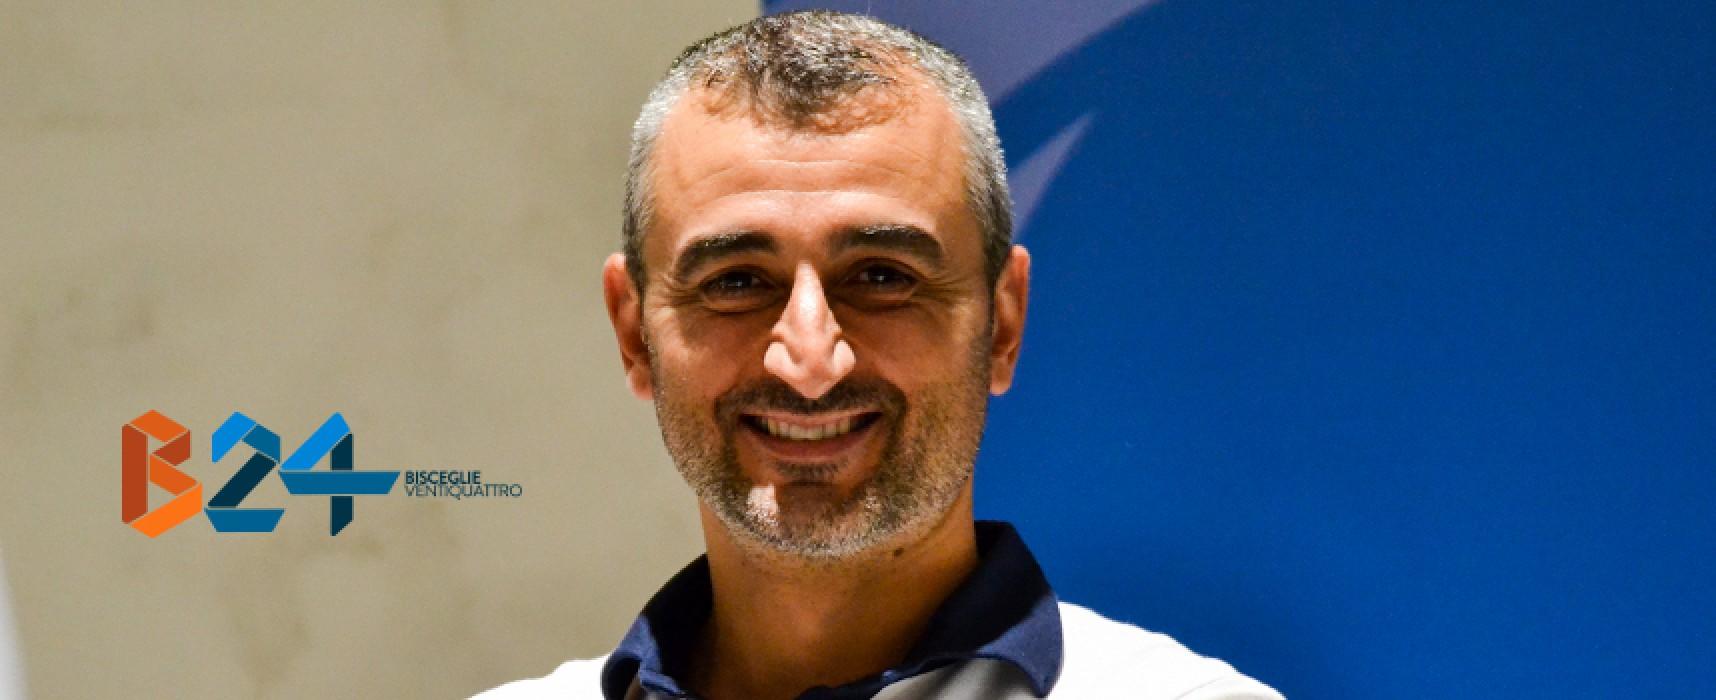 Ufficiale: termina il rapporto tra Futsal Bisceglie ed il tecnico Francesco Ventura